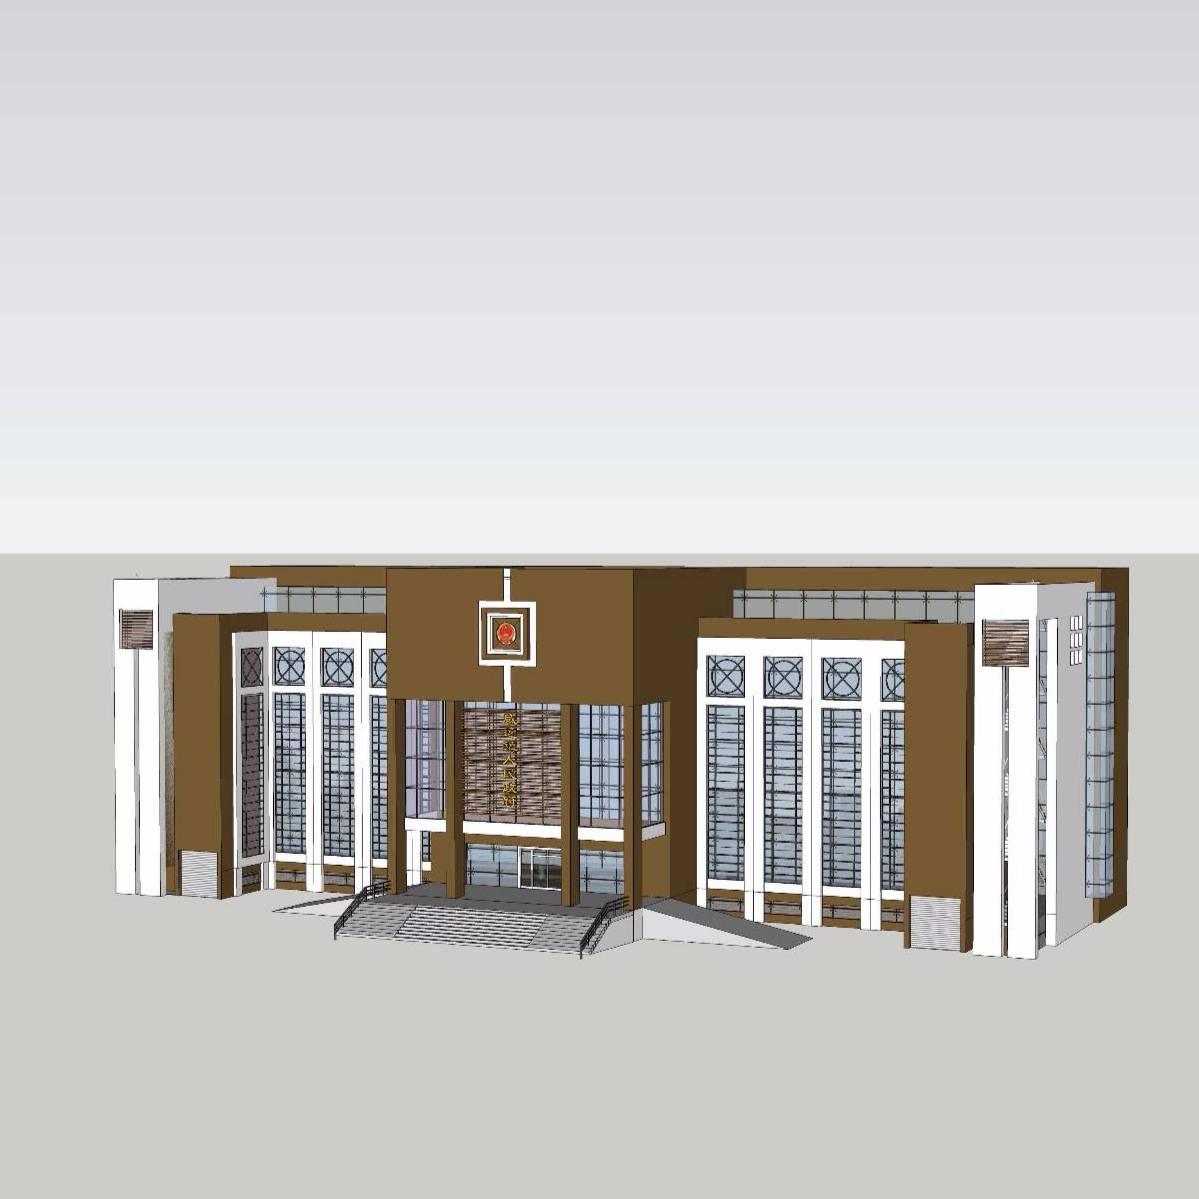 小型政府大楼模型